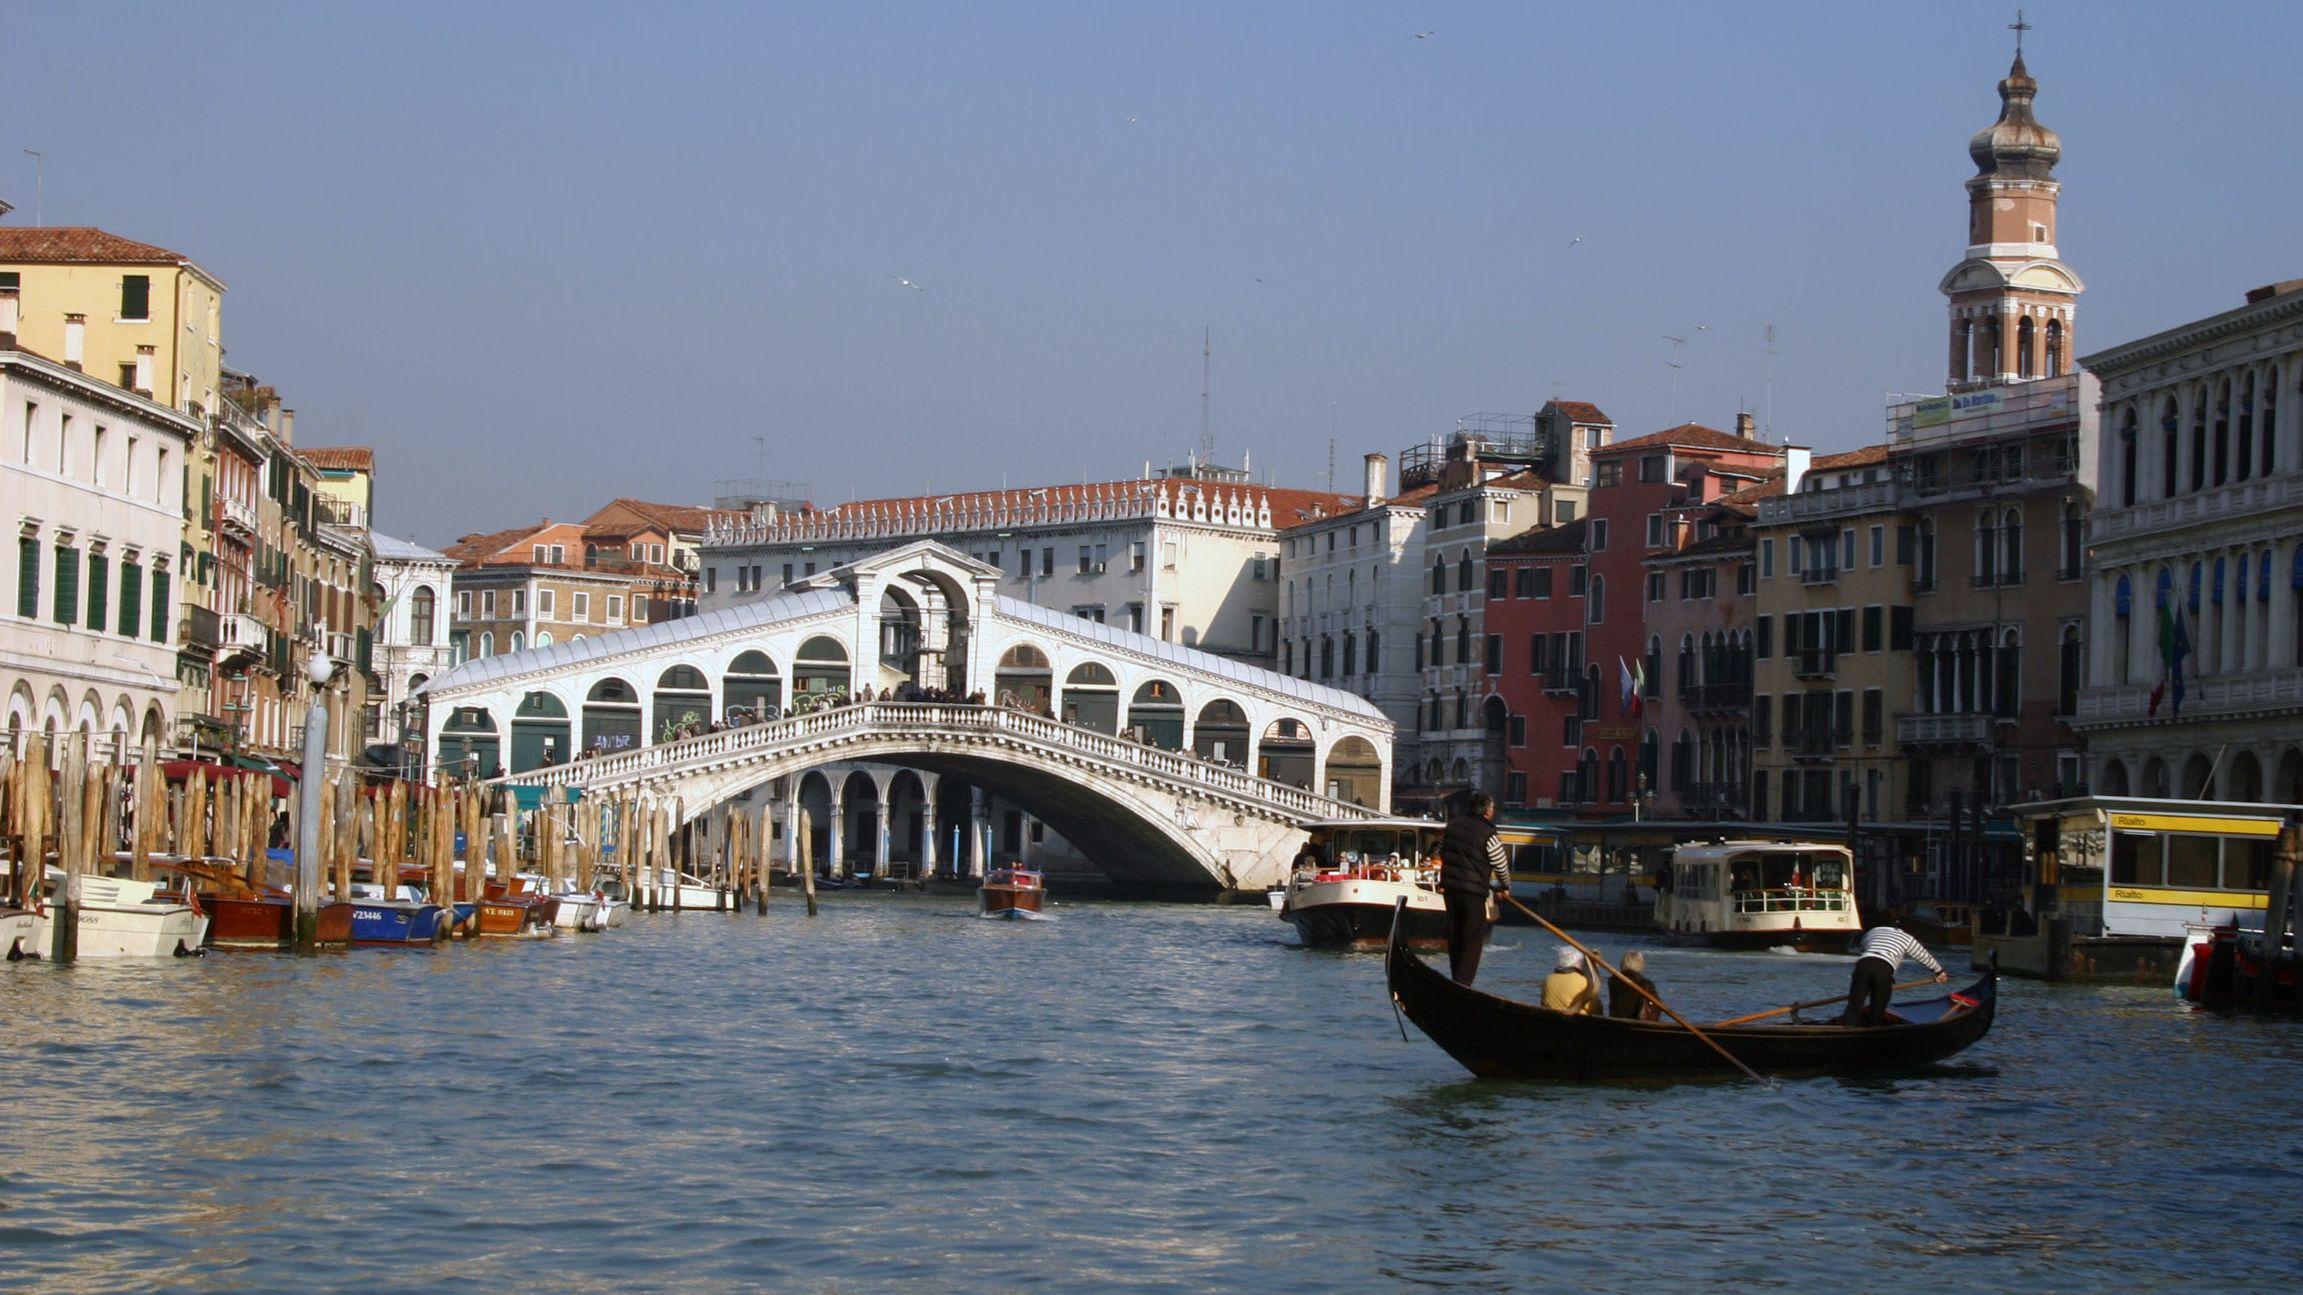 Archivbild: Rialtobrücke in Venedig